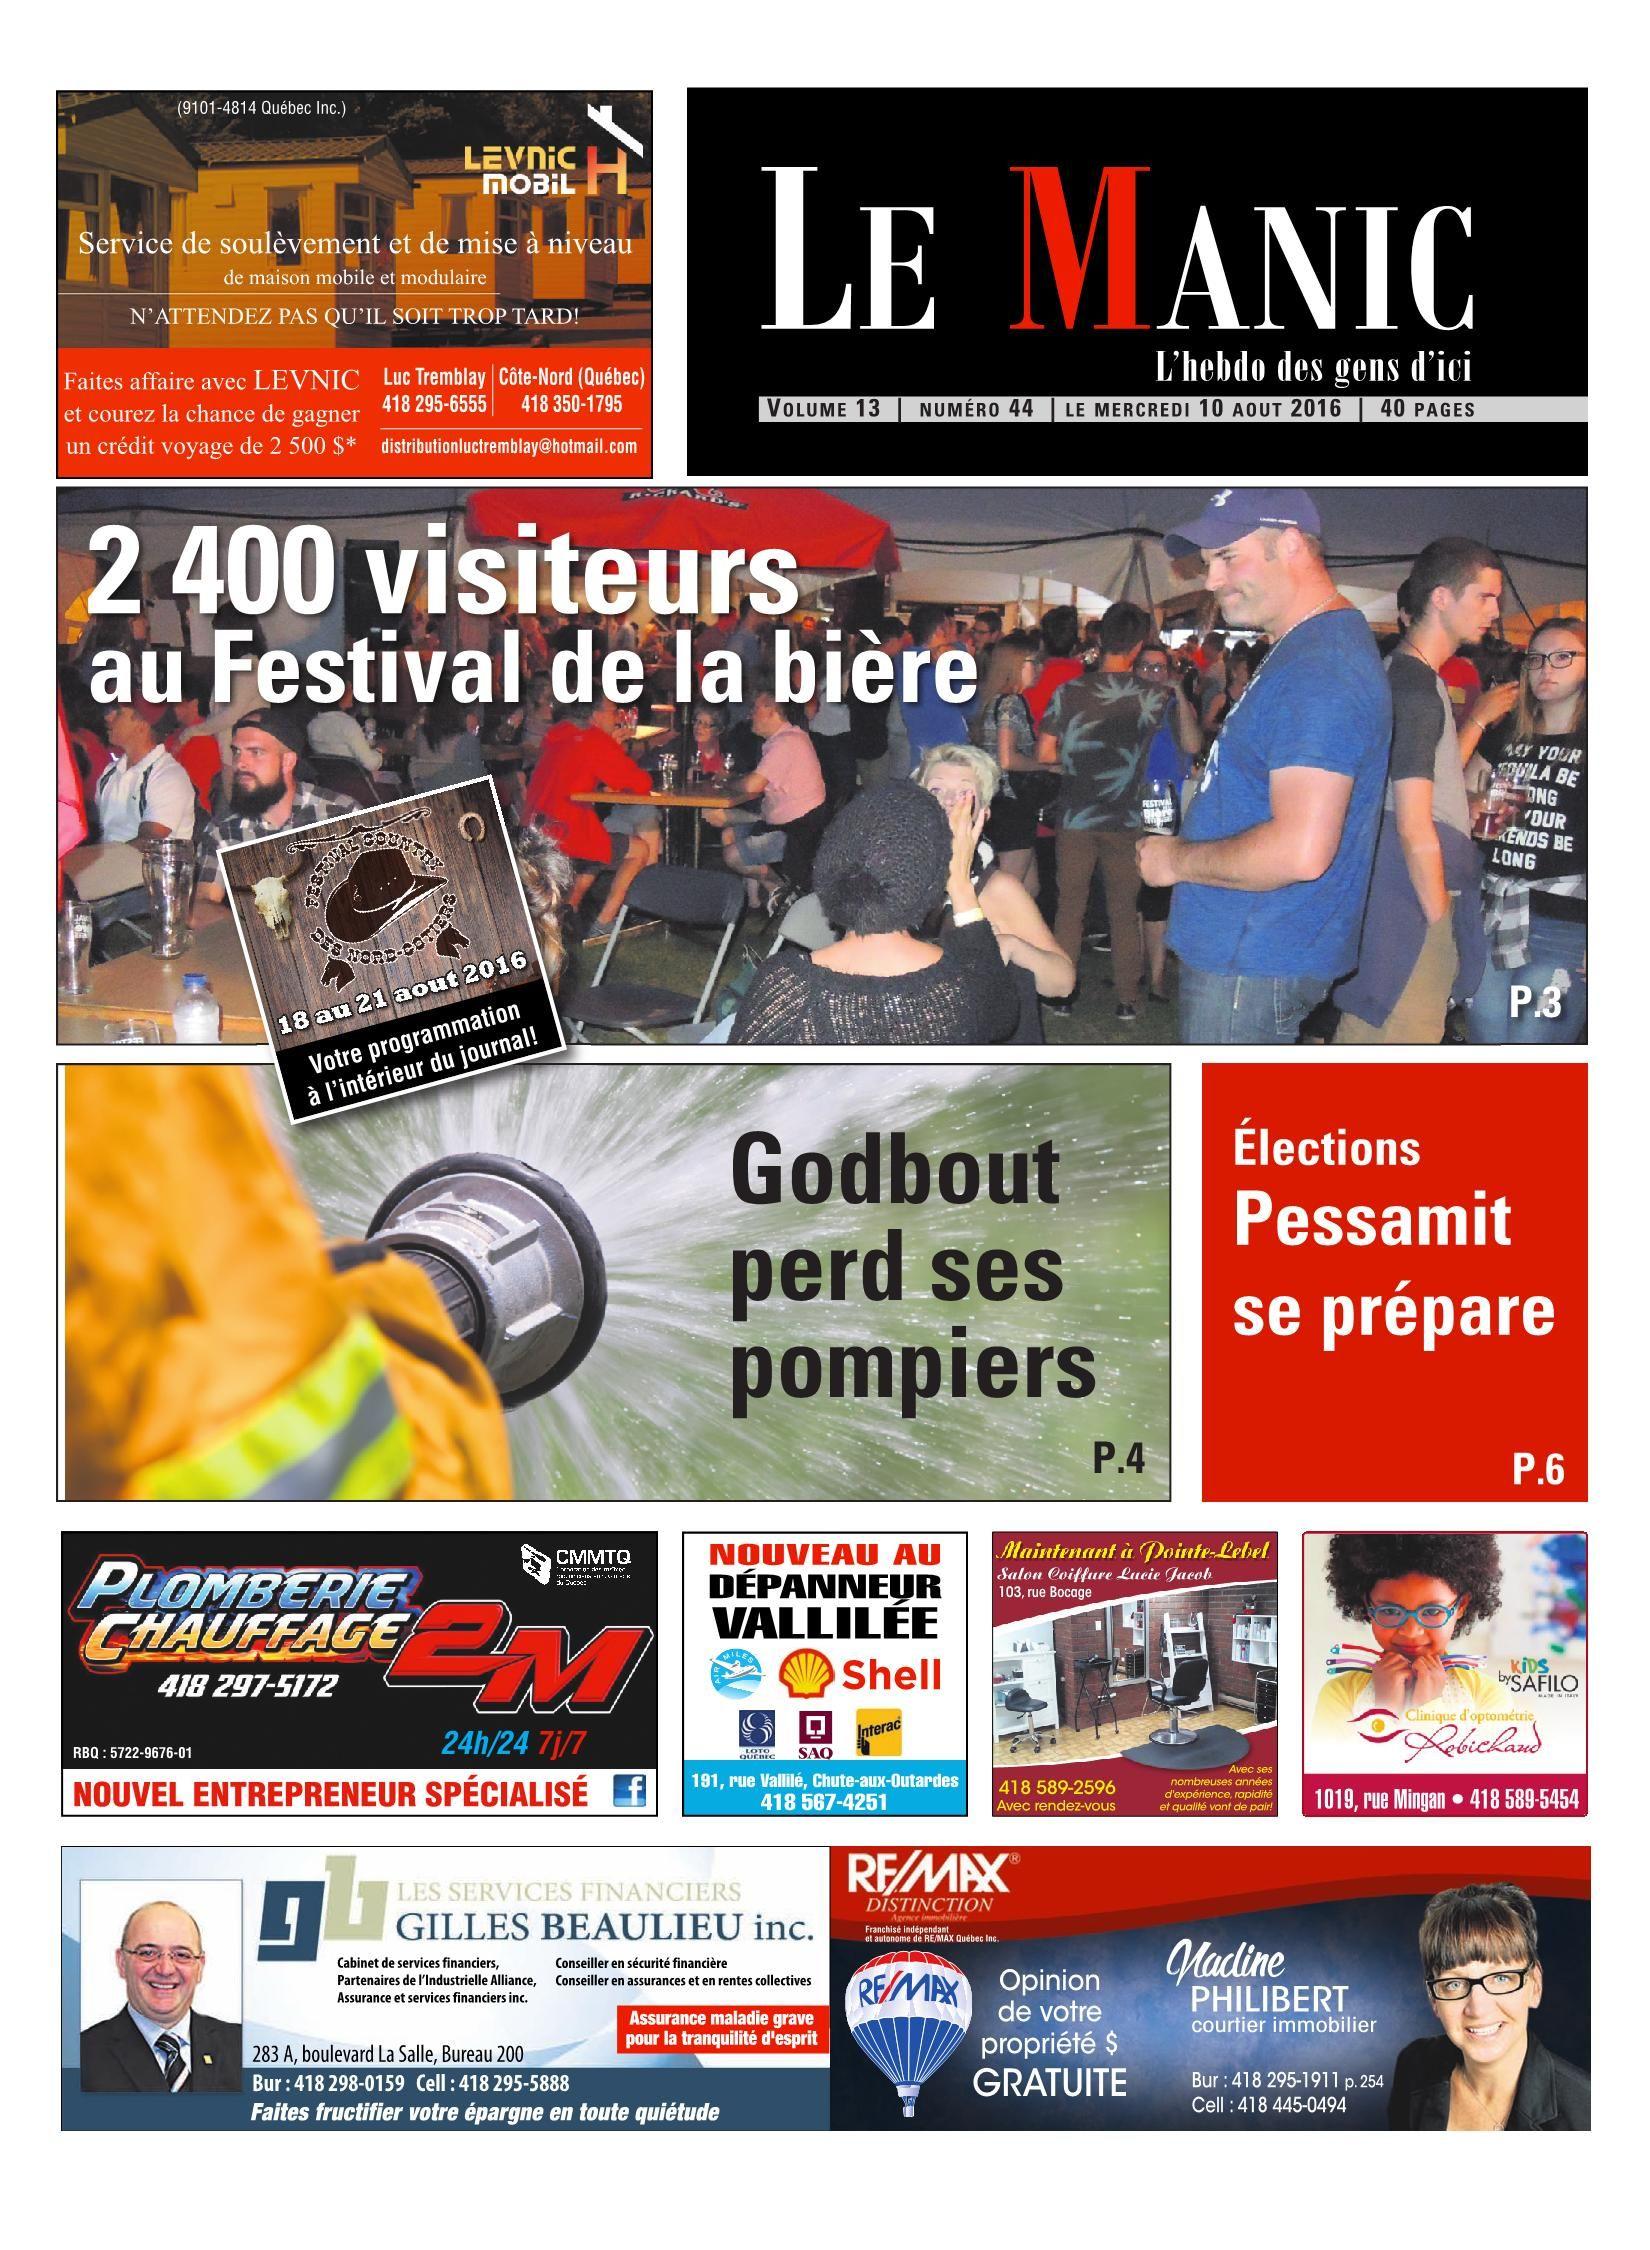 Salon De Jardin Casino Unique Le Manic 10 Aout 2016 Pages 1 40 Text Version Of 40 Nouveau Salon De Jardin Casino